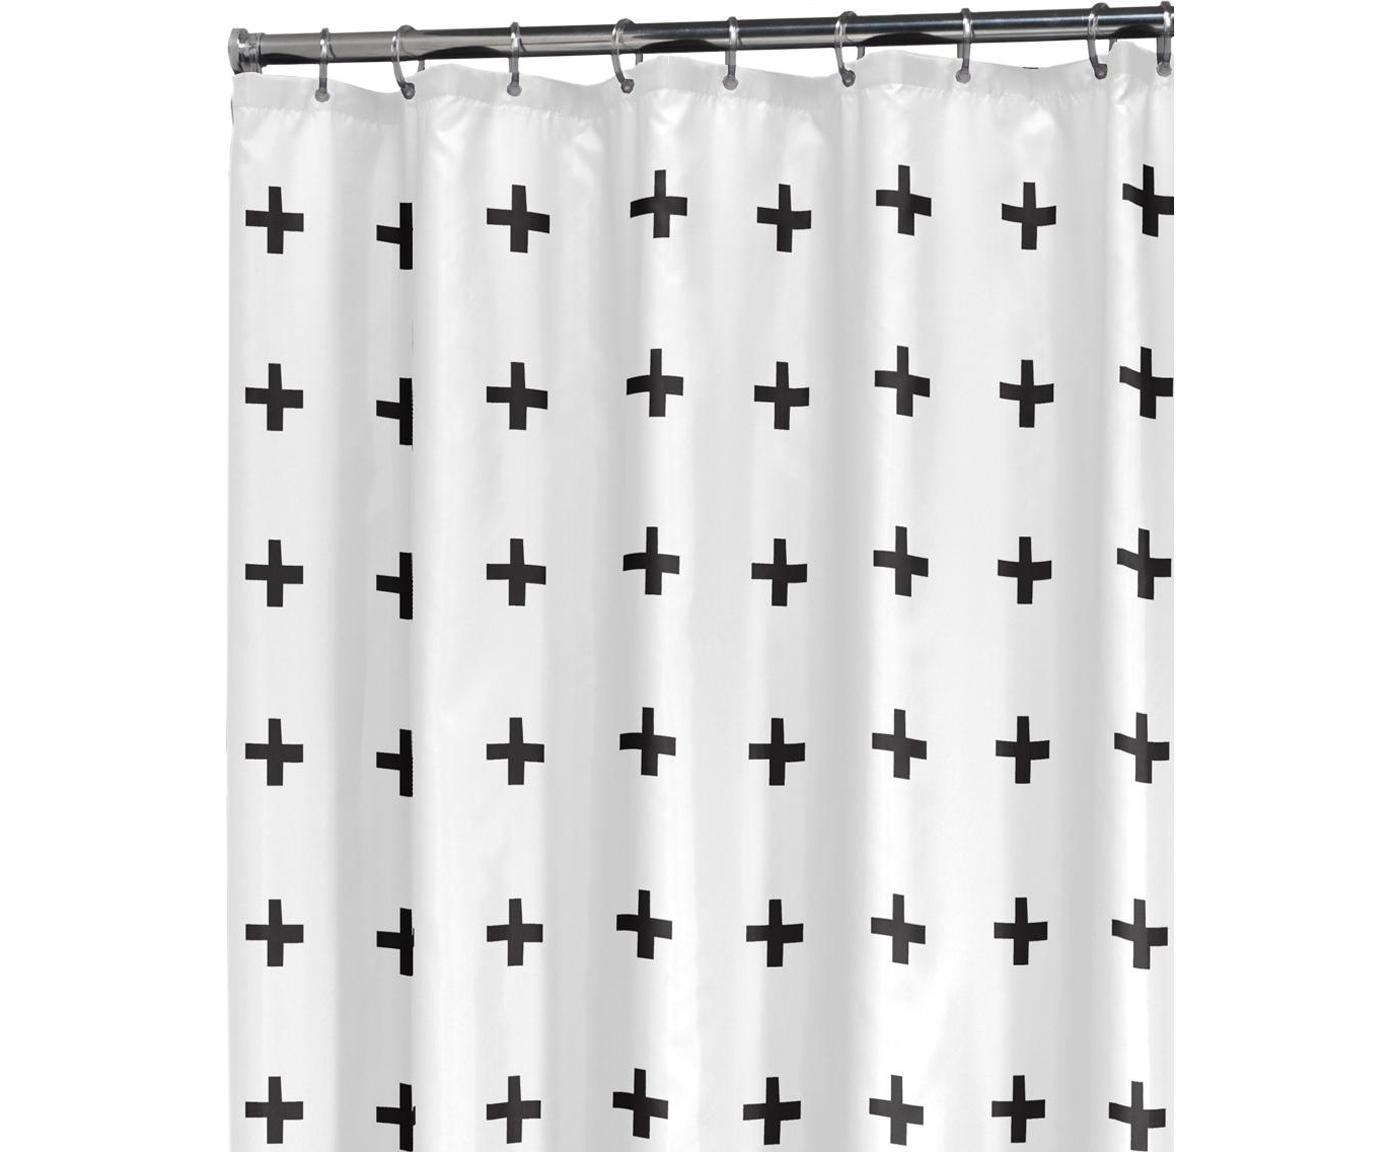 Gemusterter Duschvorhang Kenzie, Weiß, Schwarz, 180 x 200 cm